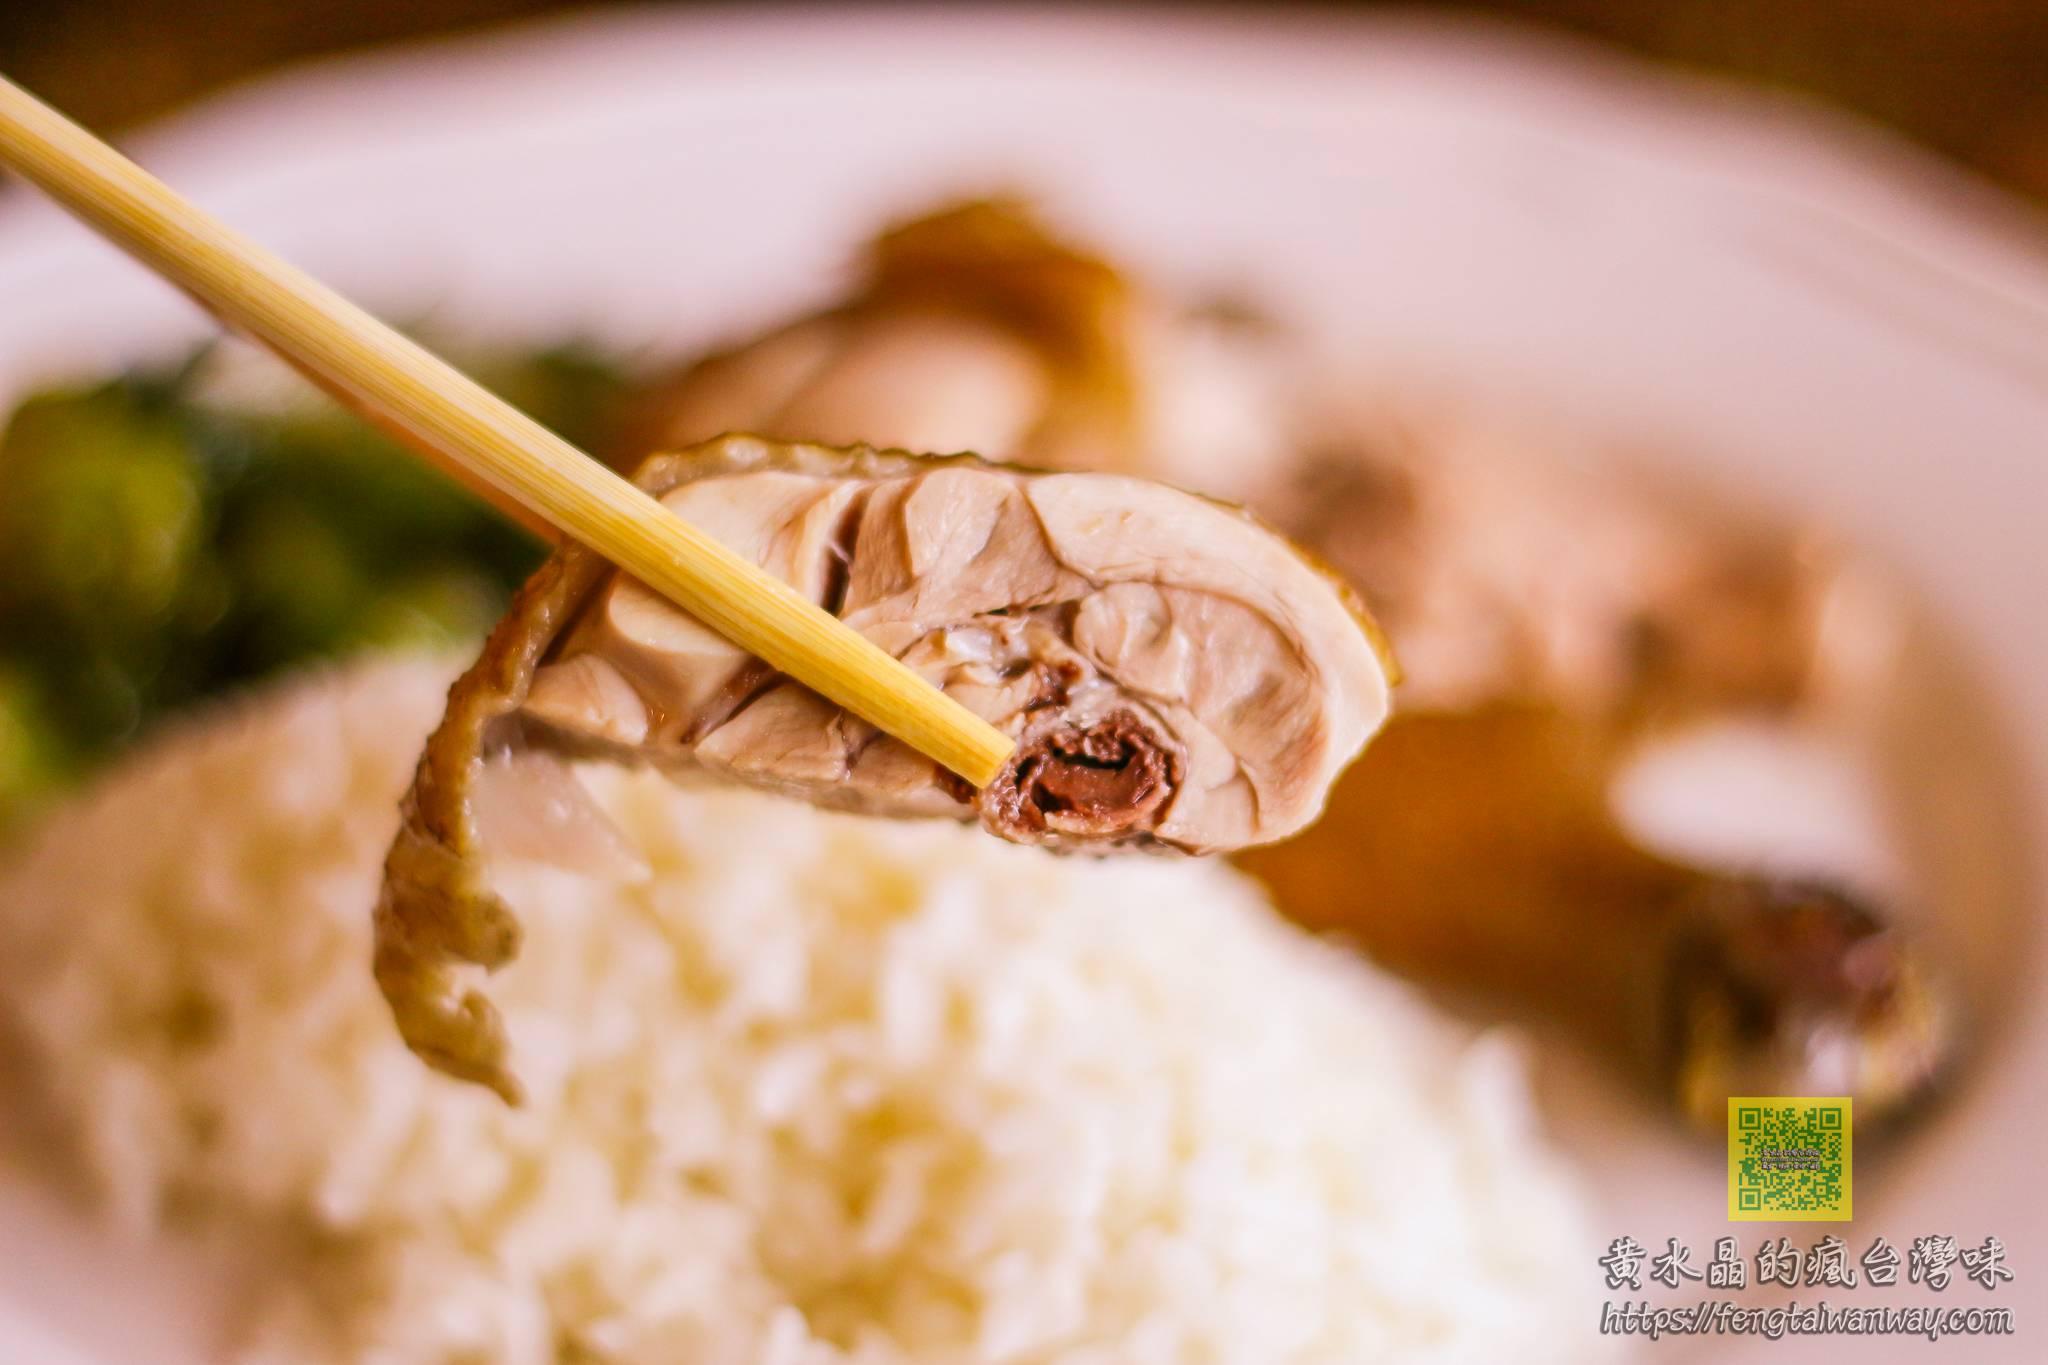 正宗港式九龍燒味【平鎮美食】 師承40年經驗香港星級大廚;少見燒鵝限量供應;香港人也指名 @黃水晶的瘋台灣味